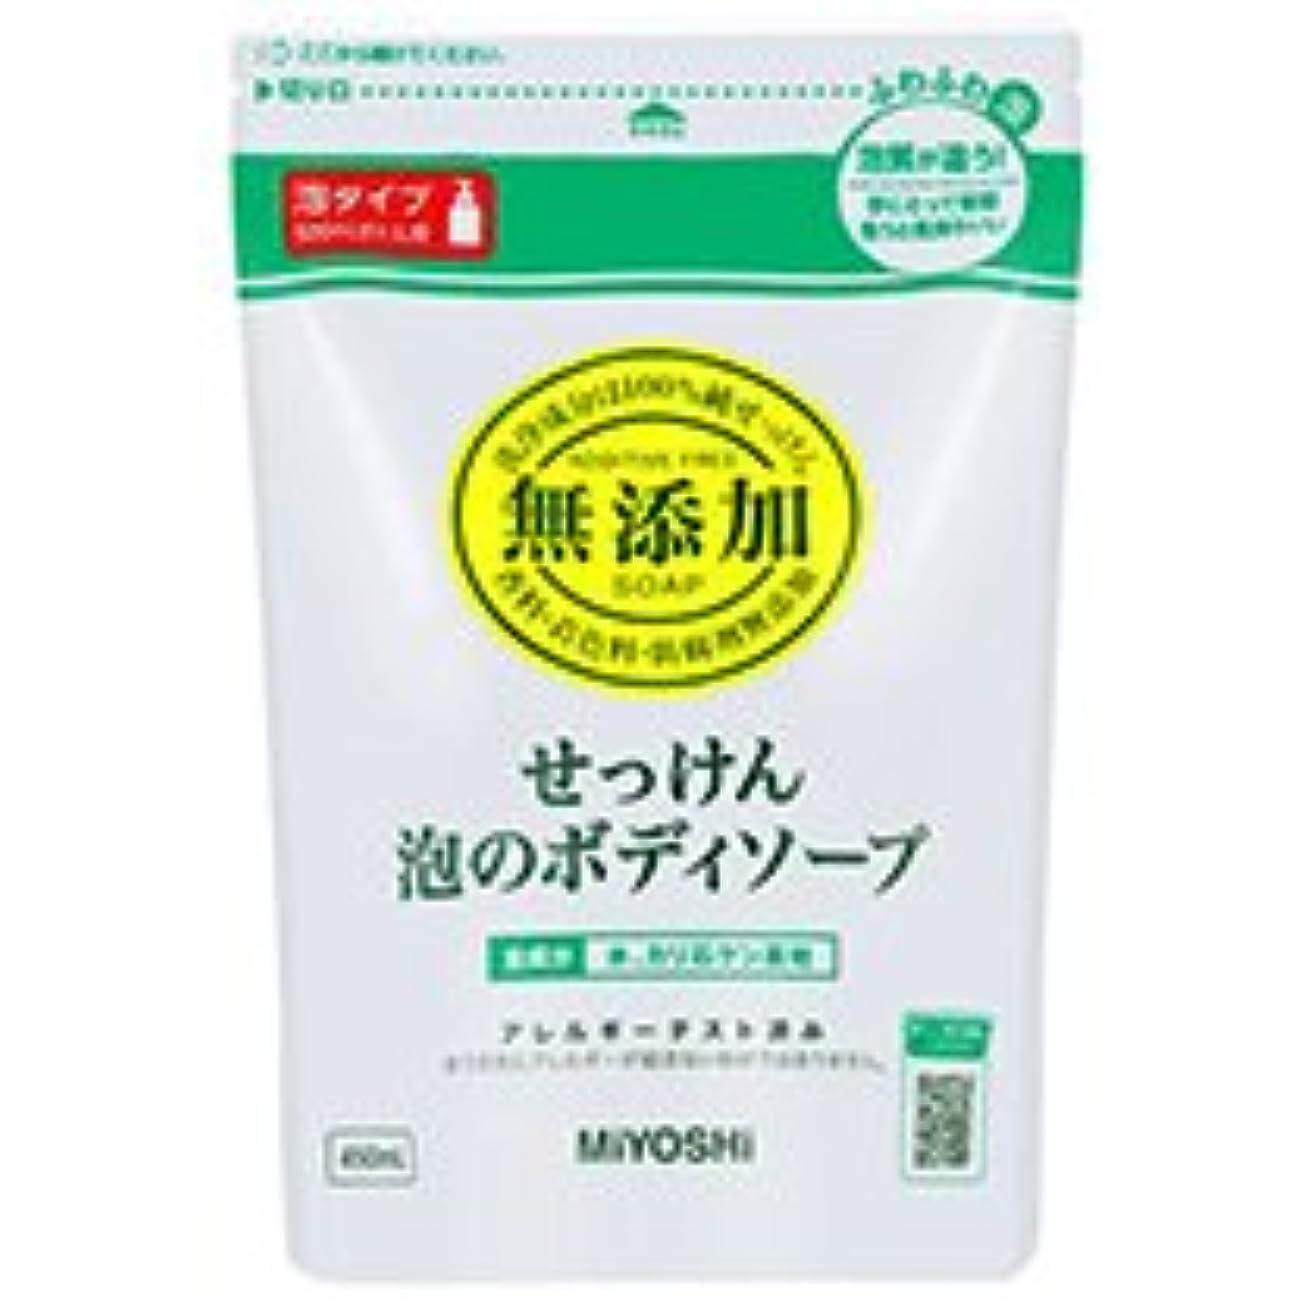 り事務所ドナーミヨシ石鹸 無添加せっけん 泡のボディソープ 詰替用 450ml 1個